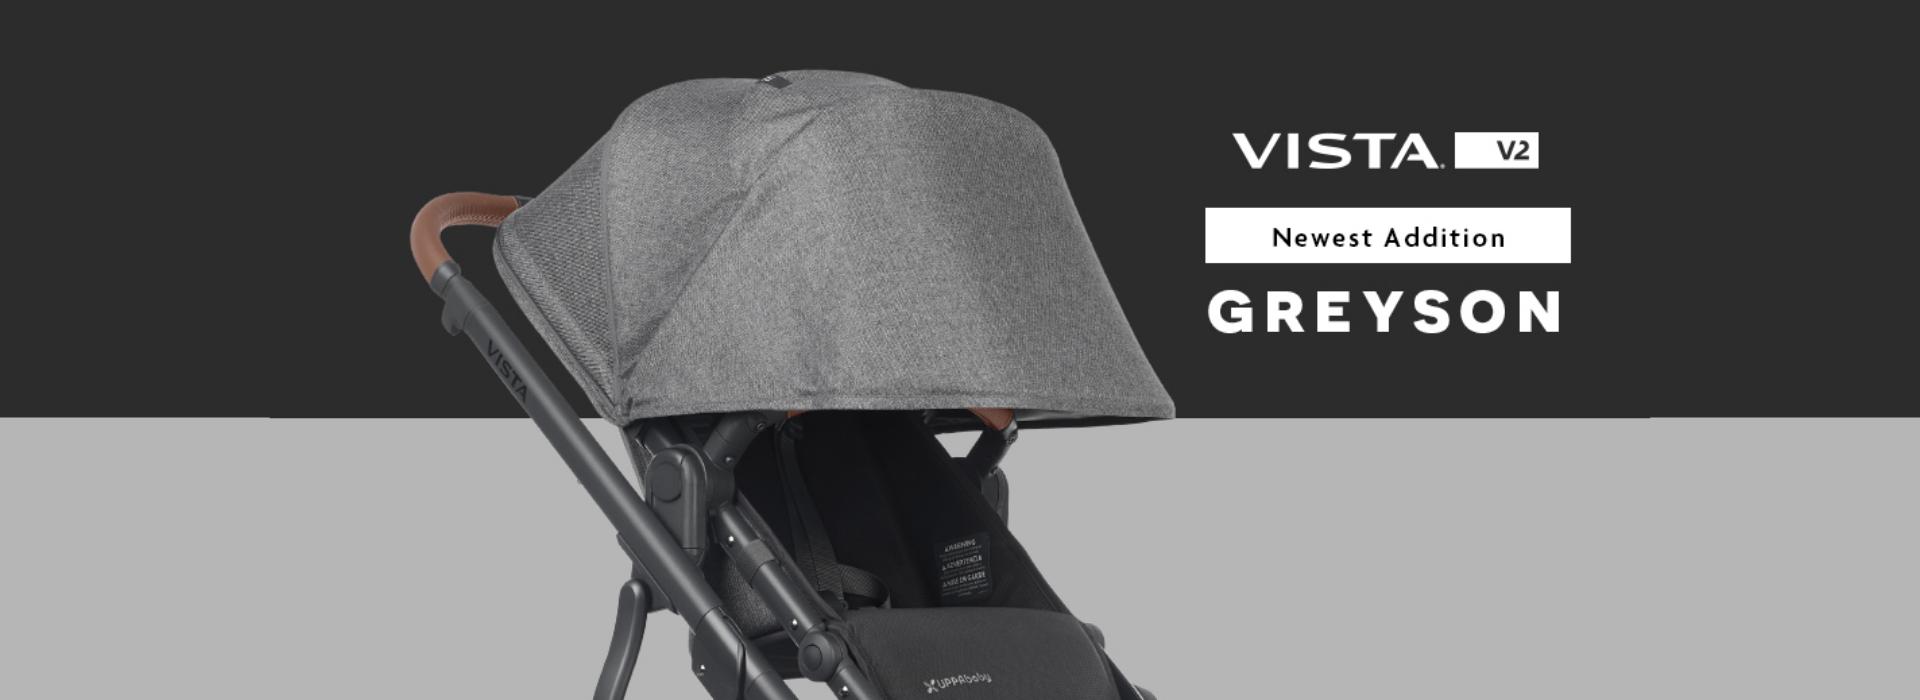 VISTA V2 GREYSON